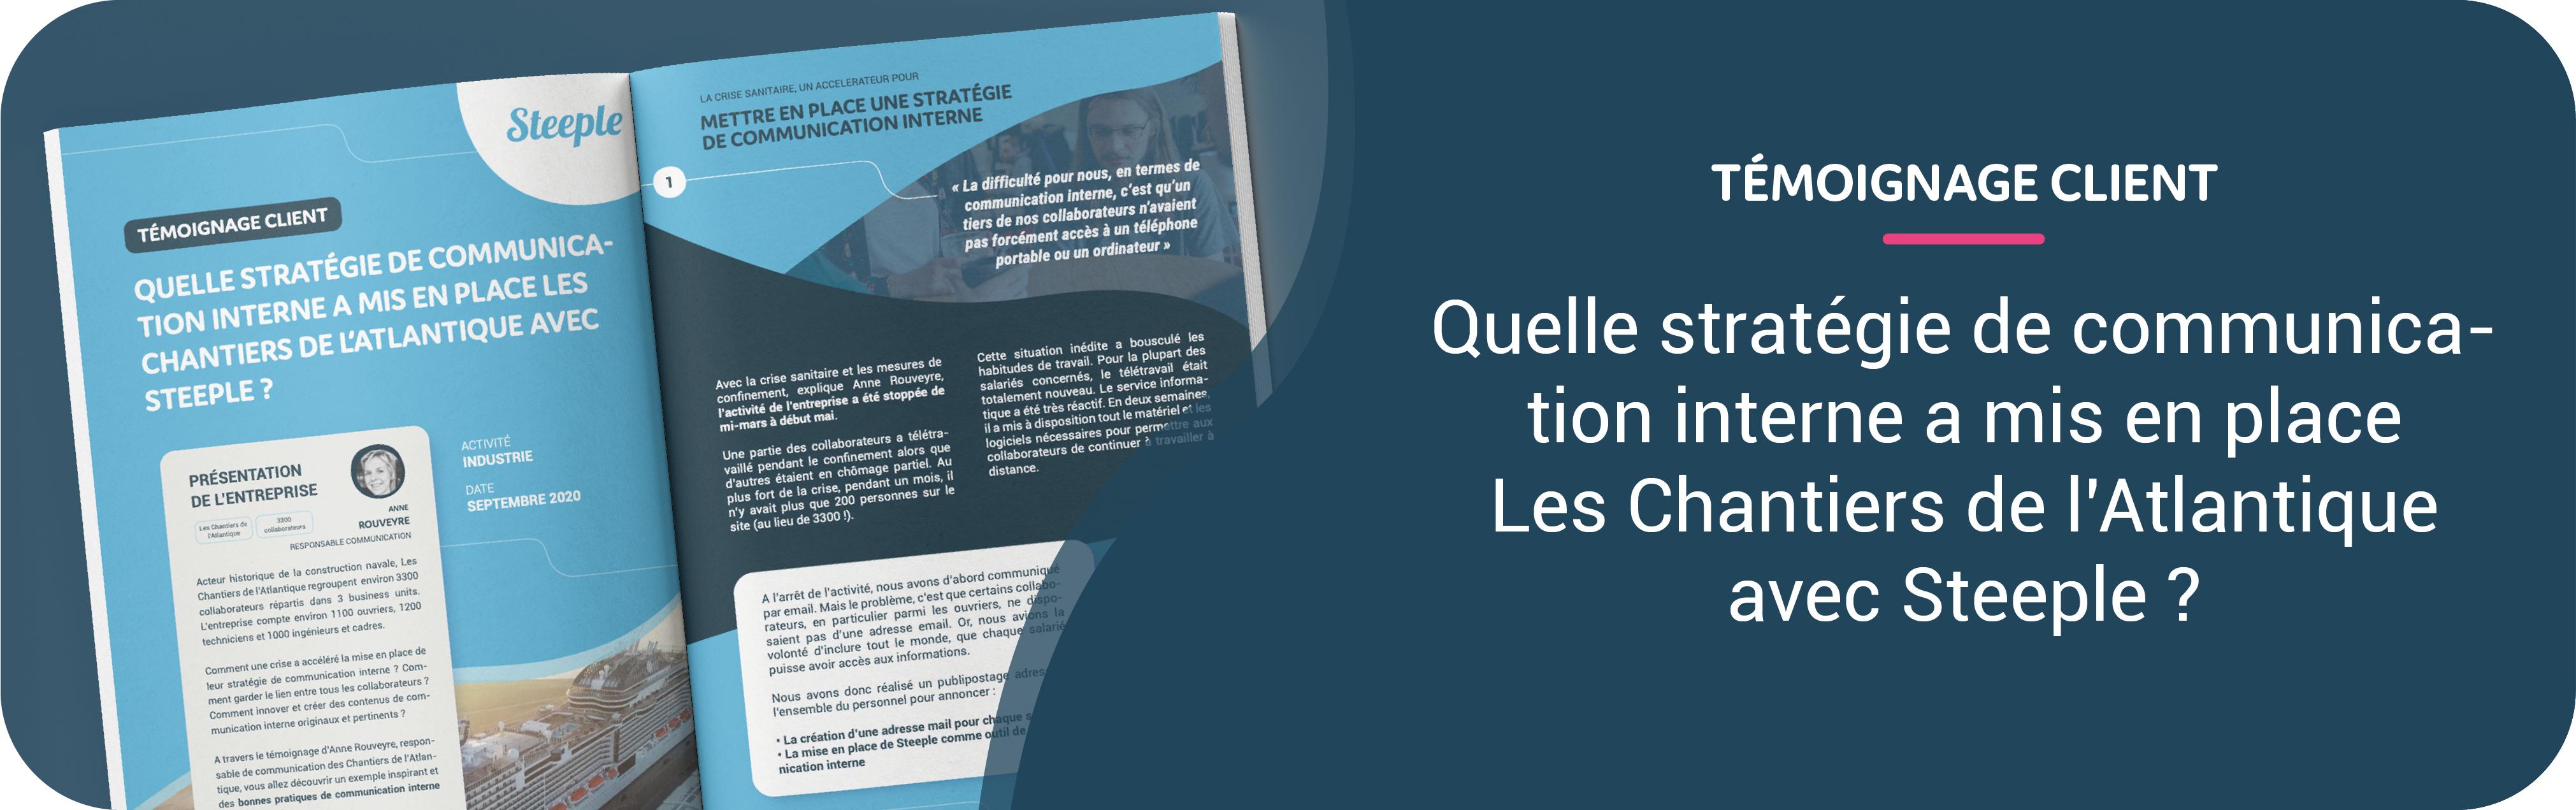 CTA-Chantier-atlantique_LP